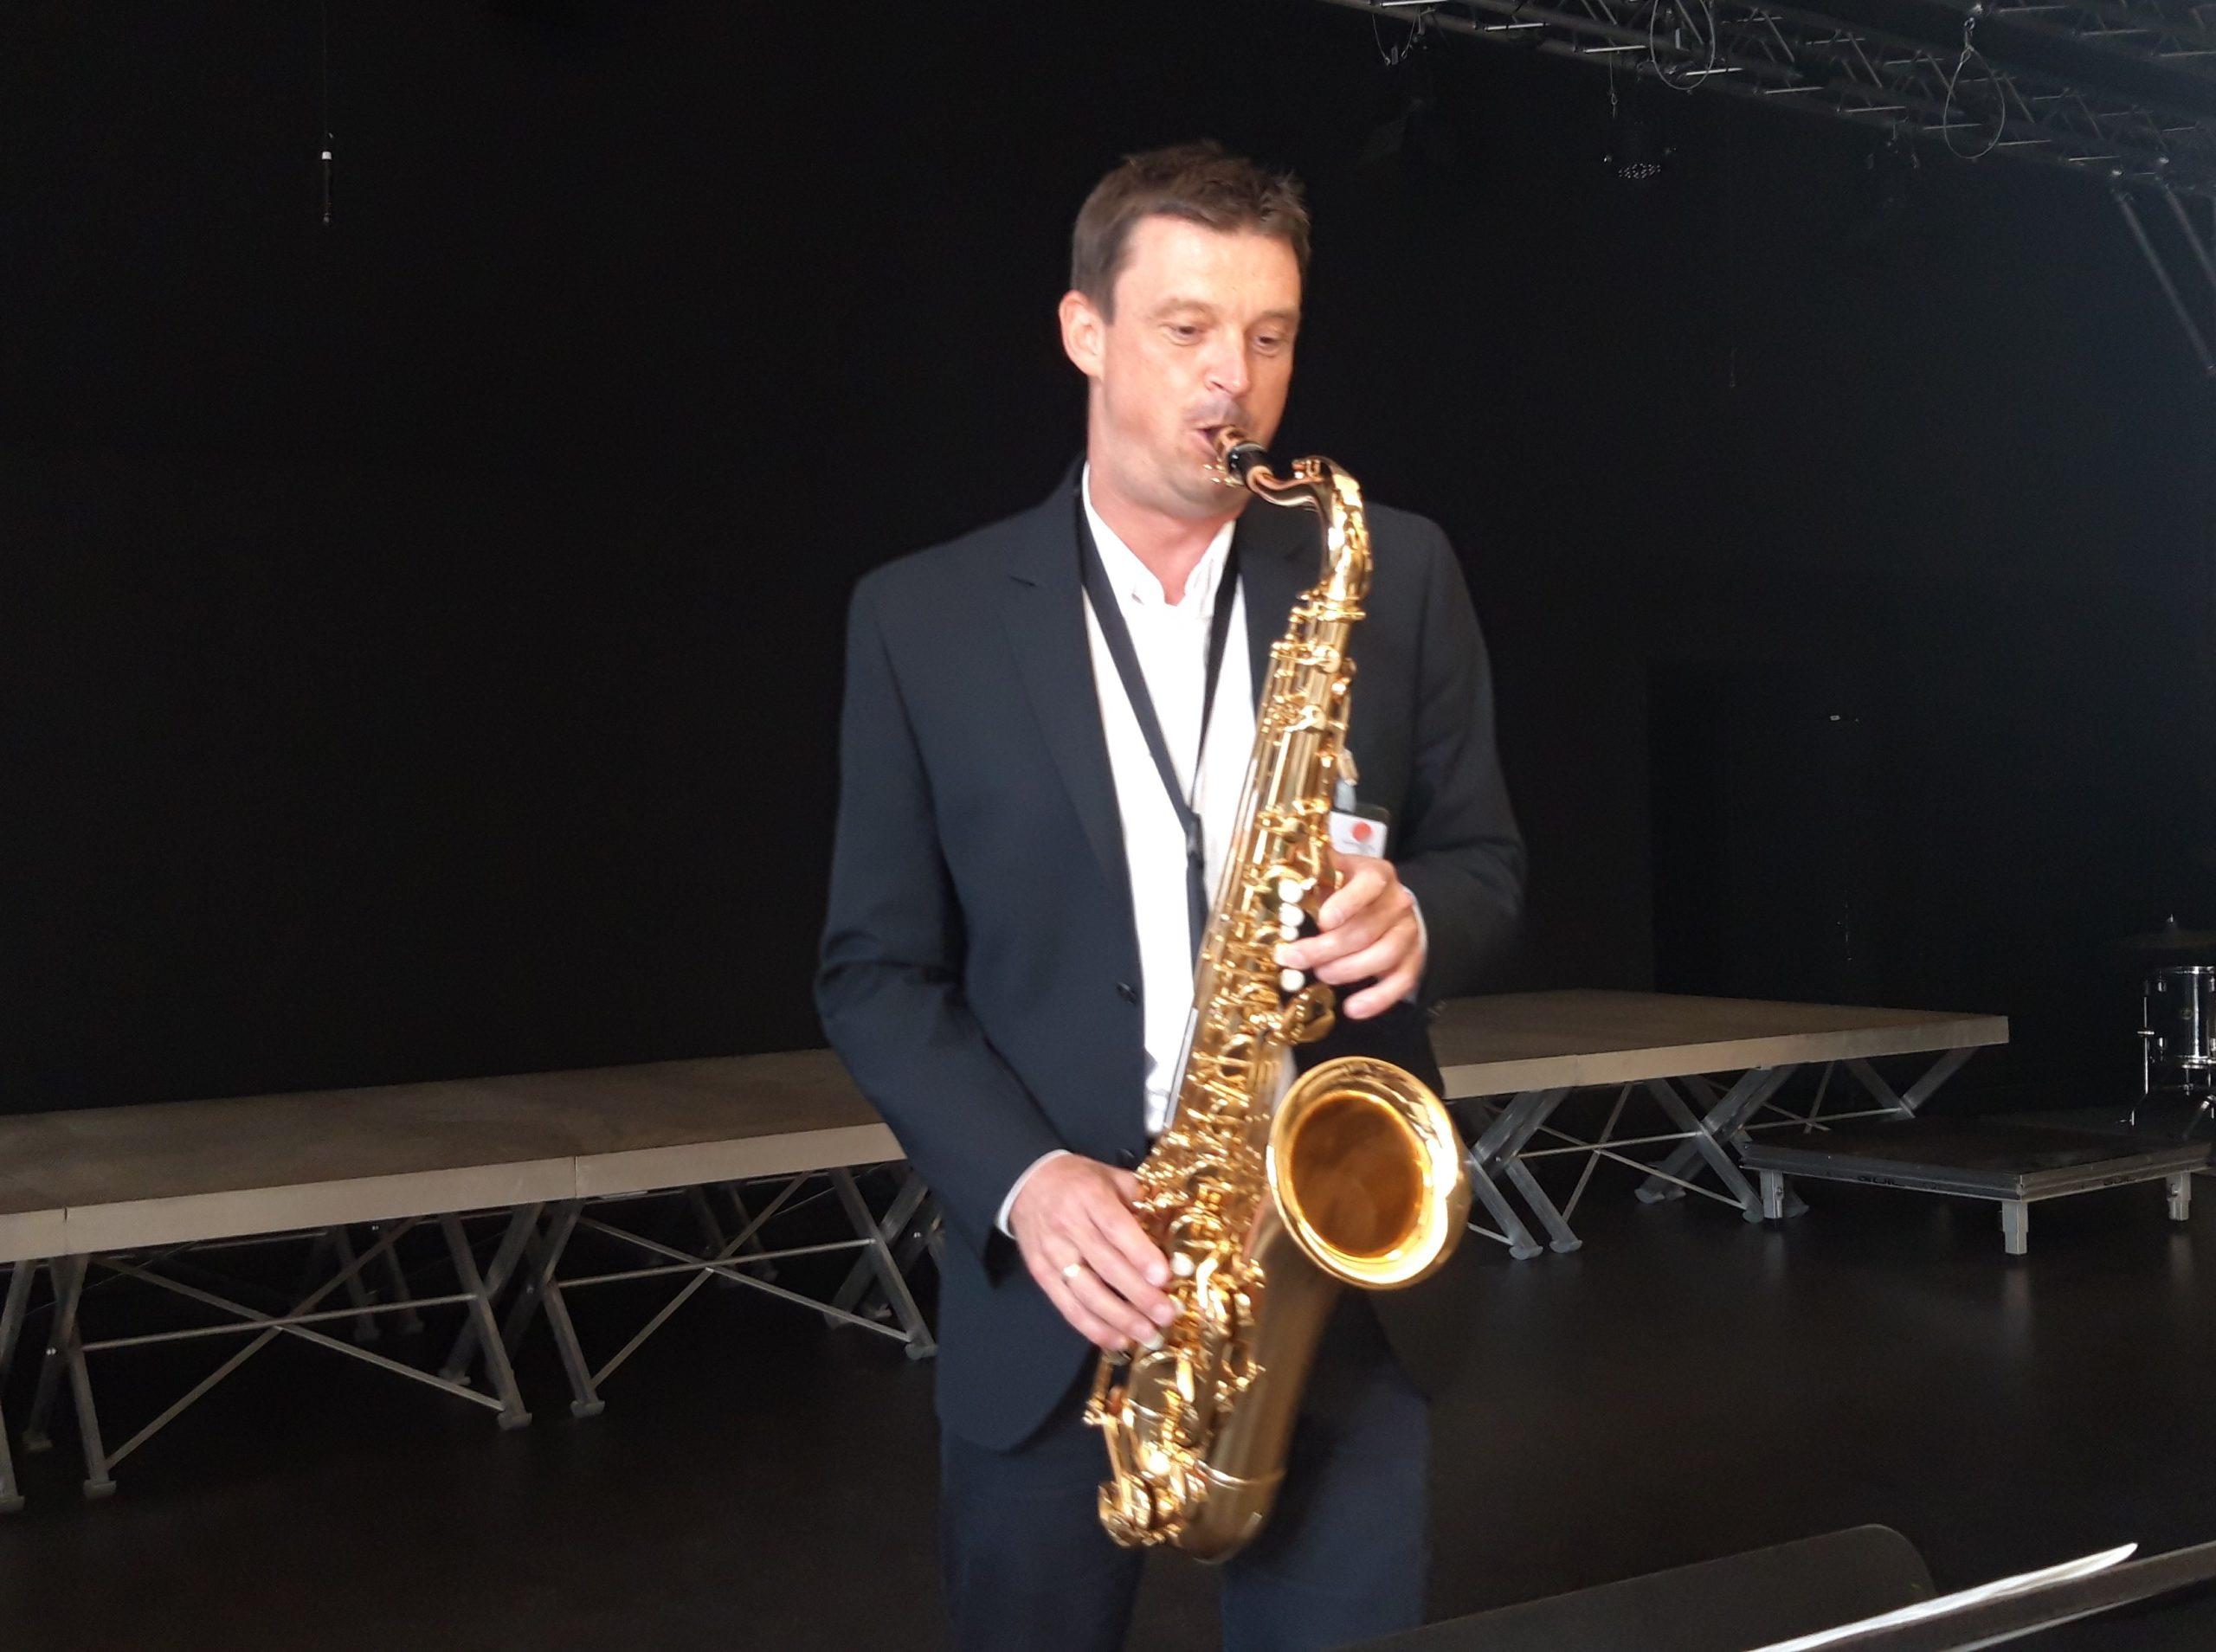 Herr Bartsch am Saxophon